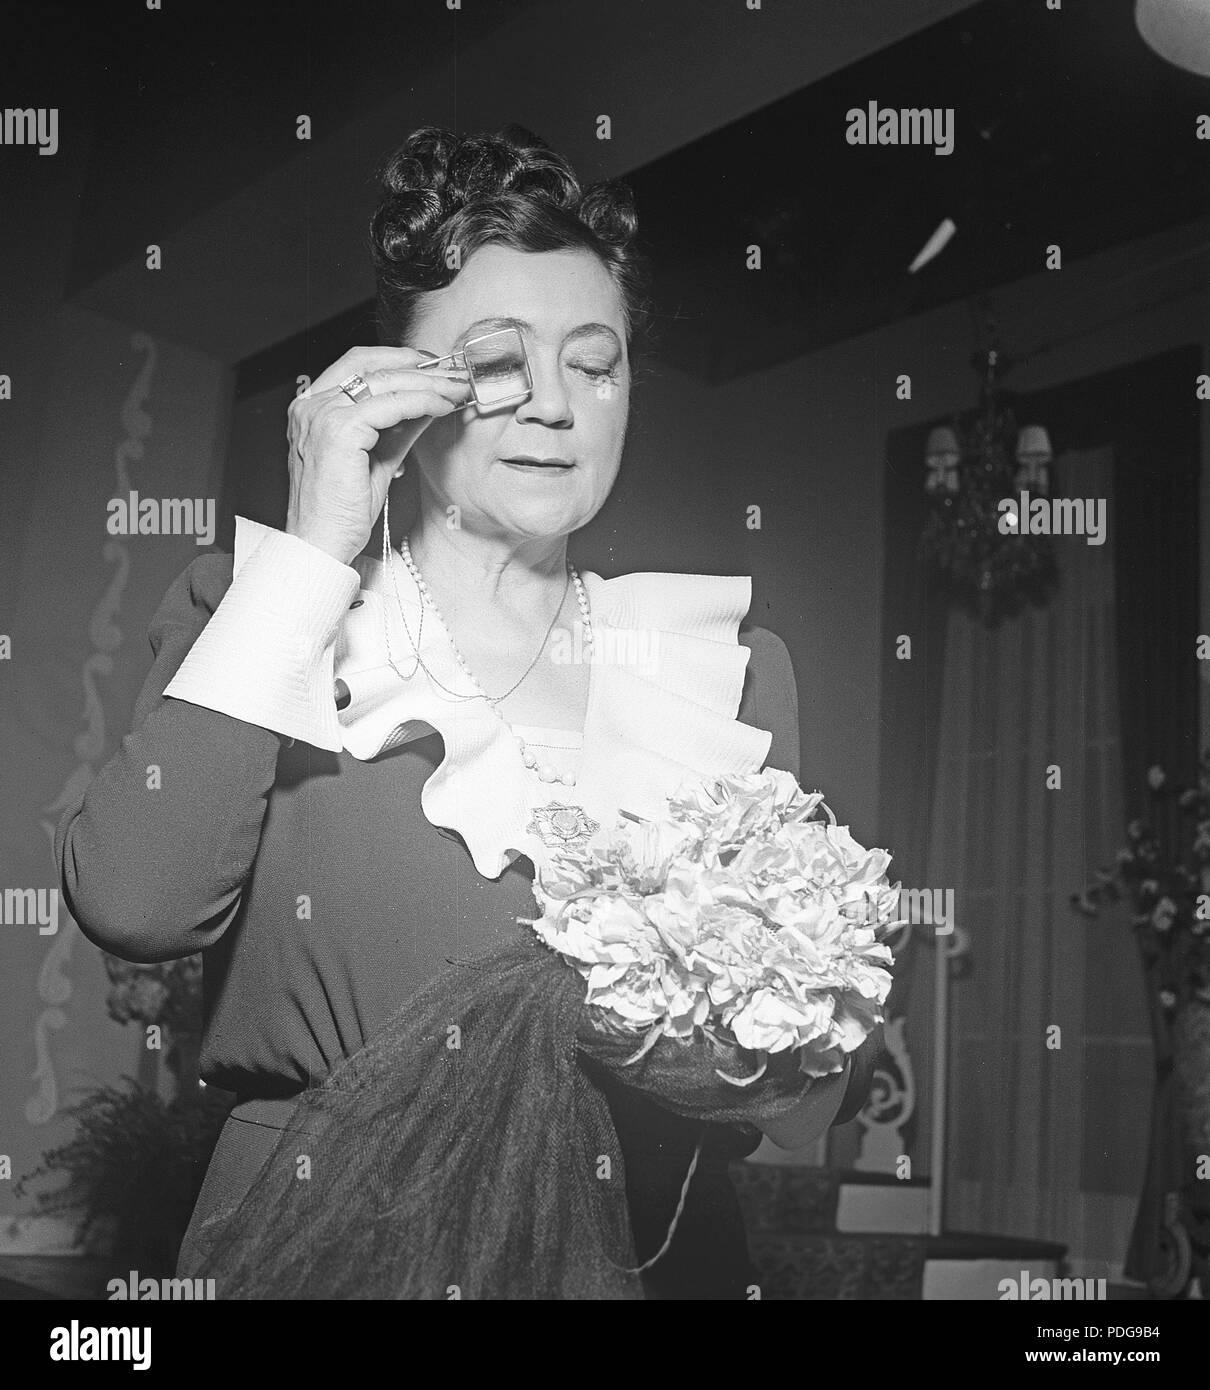 1940 s Frau mit Brille. Eine ältere Dame schaut sich etwas durch ein monokel. Foto Kristoffersson/K 96-5 Stockbild